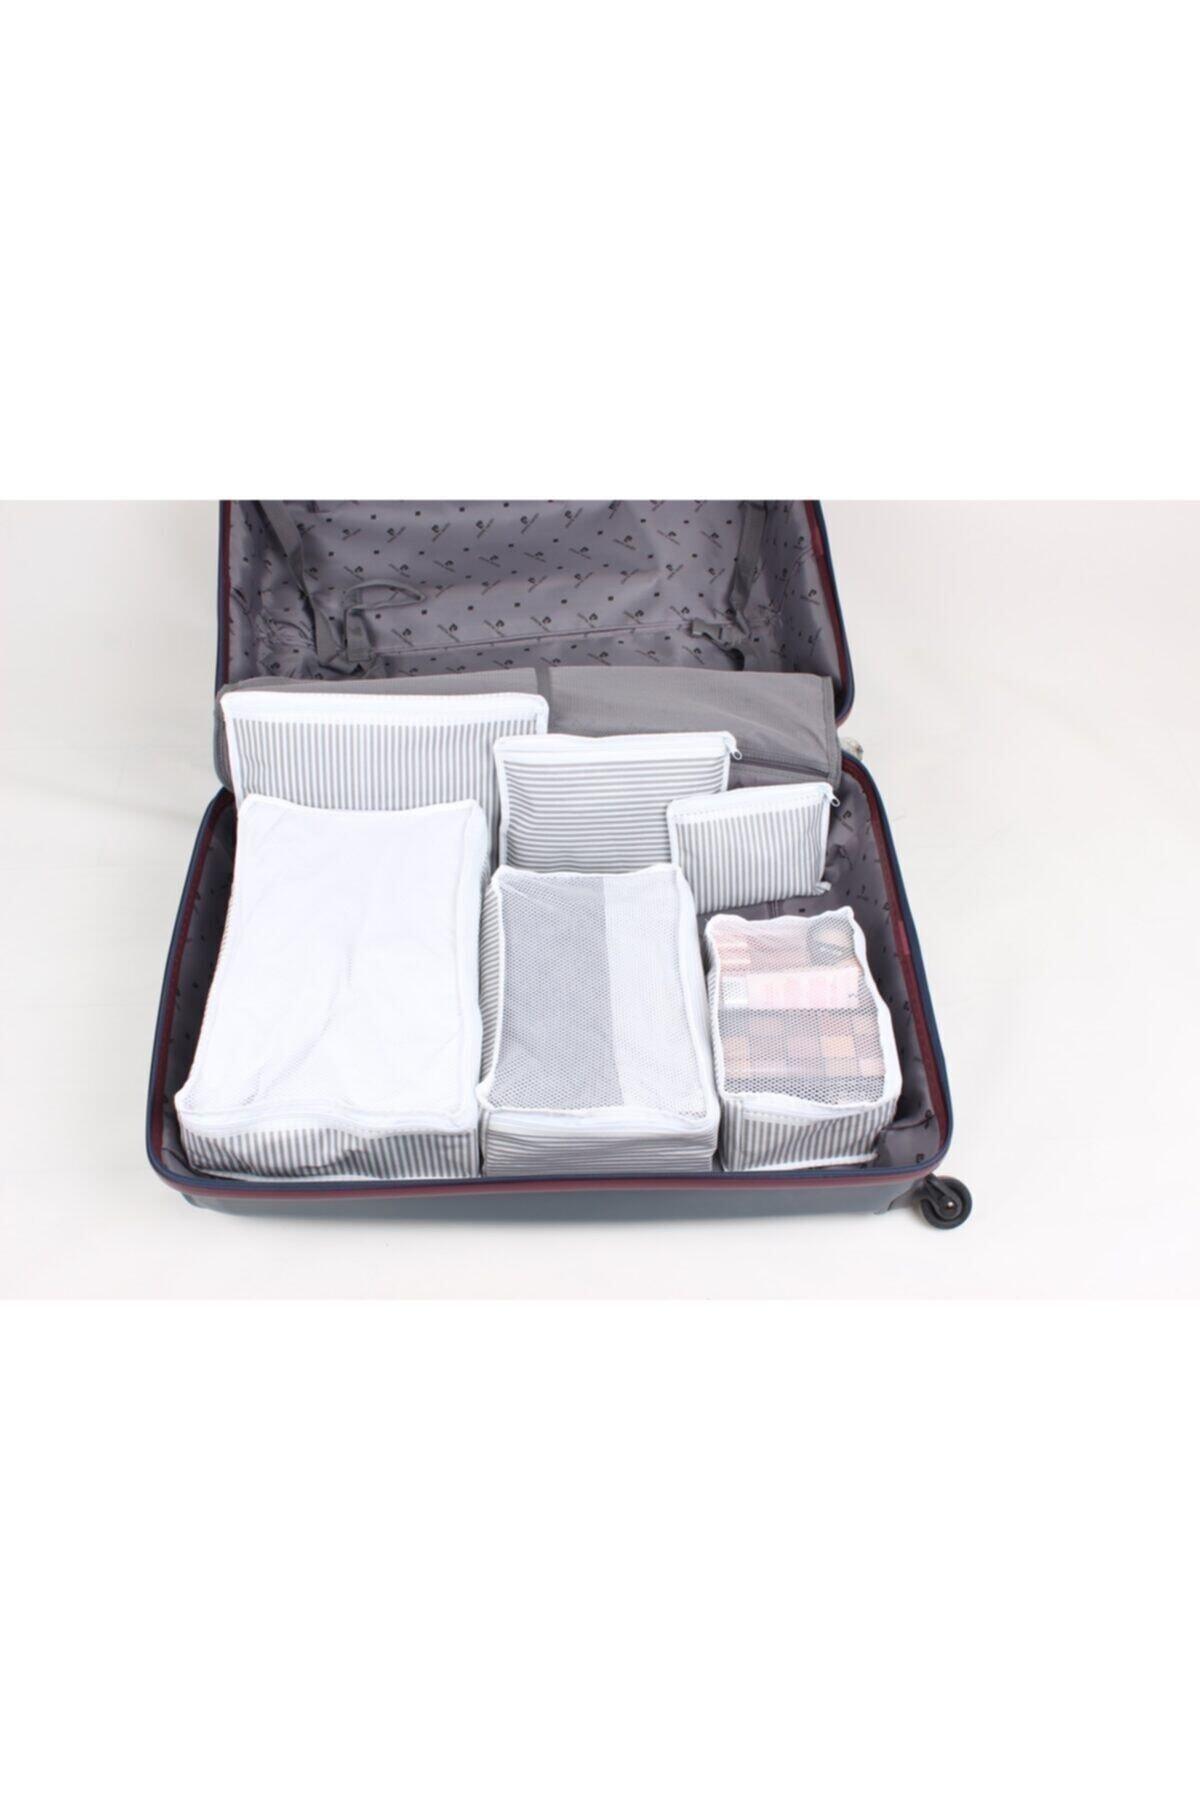 6 Parça Bavul Içi Düzenleyici Organizer Gri Çizgilii